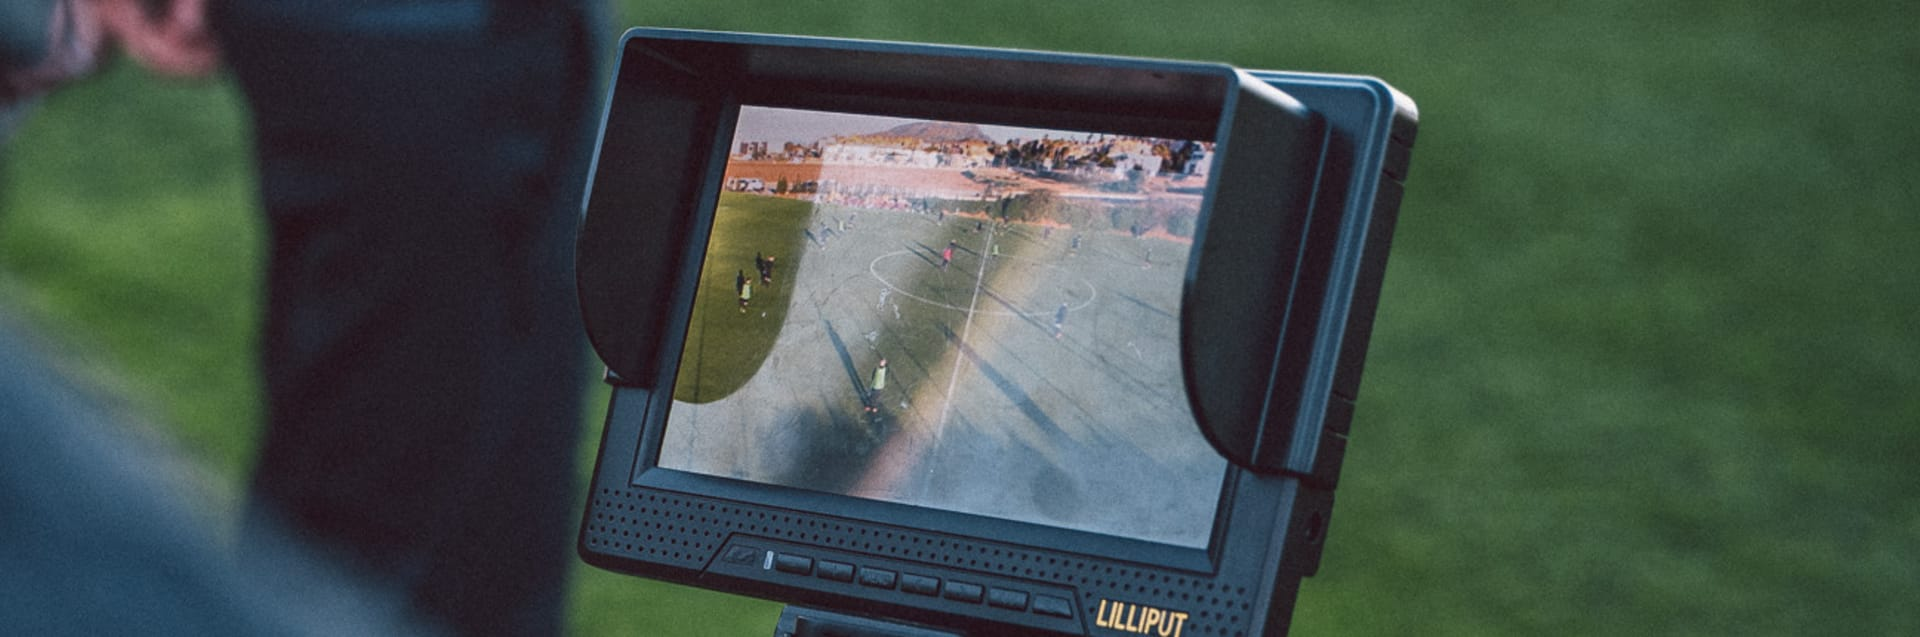 Die Spielanalyst der U16-Nationalmannschaft filmt ein Training der Junioren. Auf dem Screen der Kamera sieht man den Trainingsausschnitt.